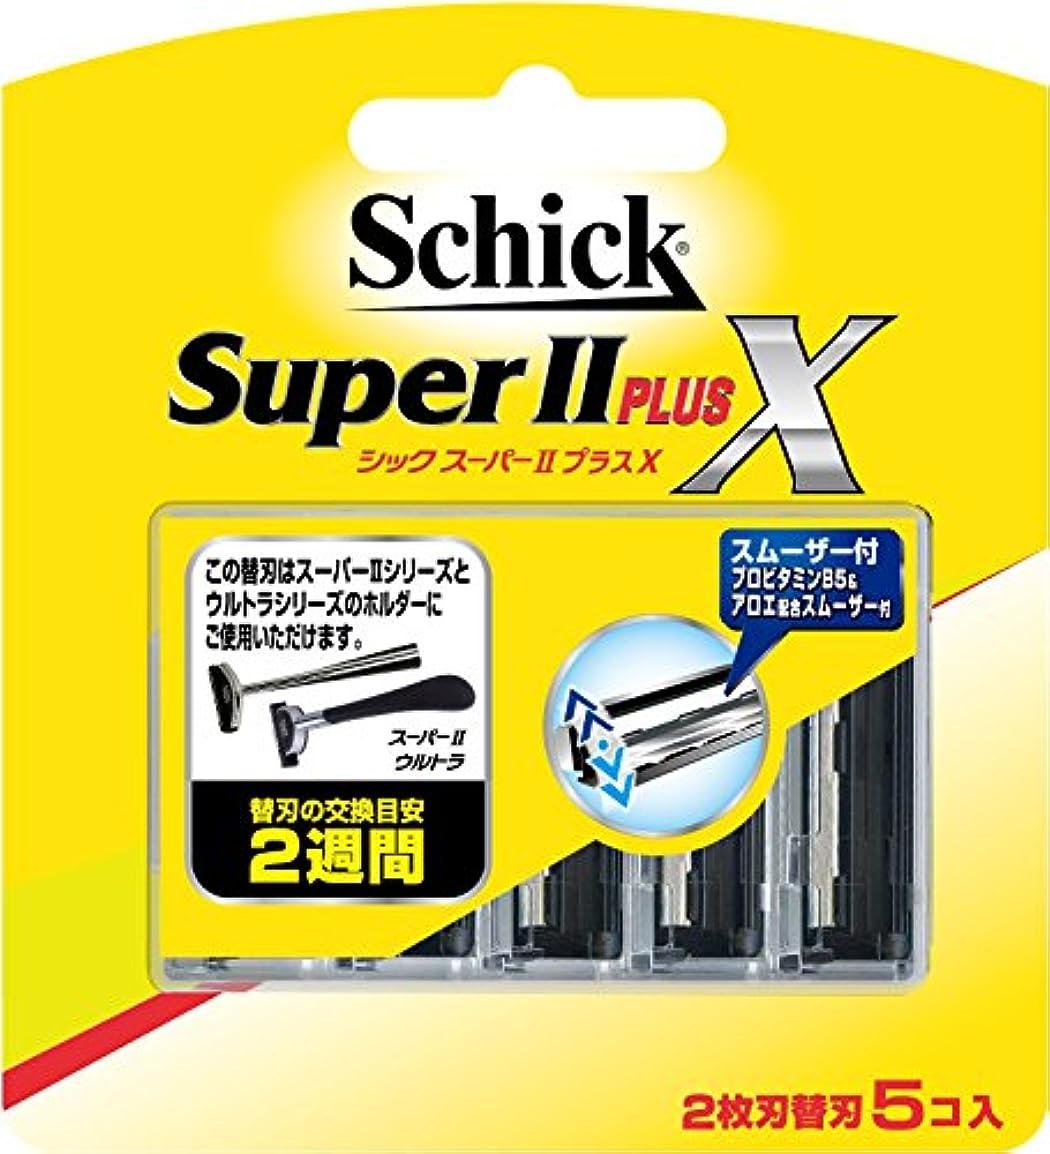 コメンテーターシンク安定シック スーパーIIプラスX 替刃 (5コ入)